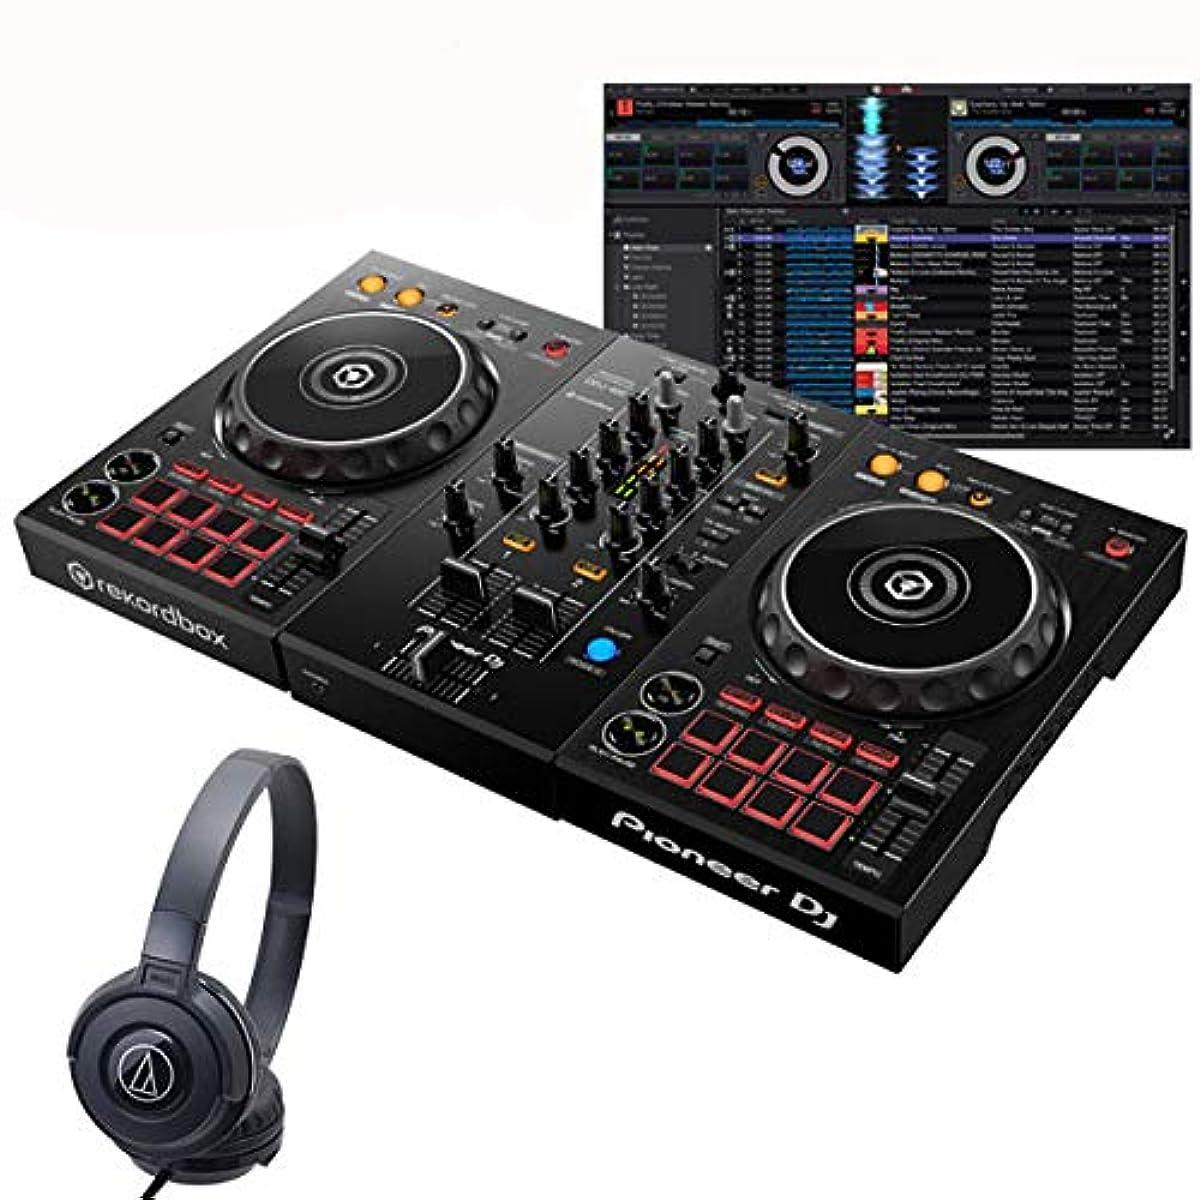 [해외] PIONEER DJ 파이오니아 D 제이 DDJ-400 ATH-S100BK 초심자 헤드폰 세트